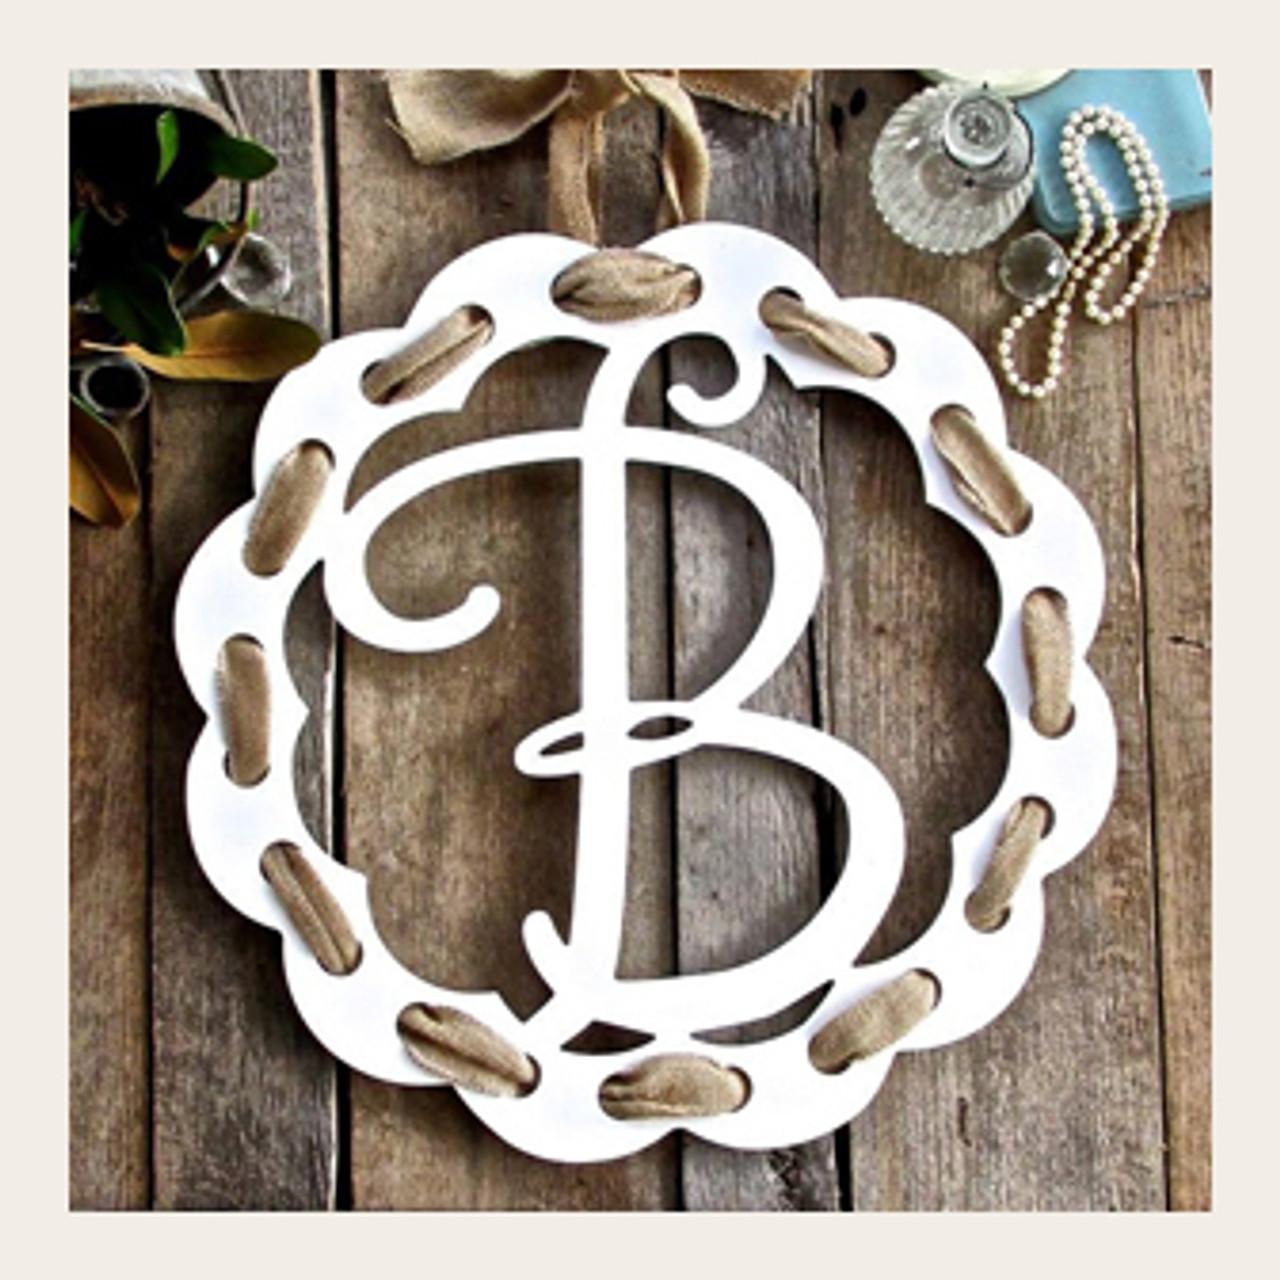 floral door hanger Monogram door hanger letter door hanger spring door hanger summer door hanger initial door hanger